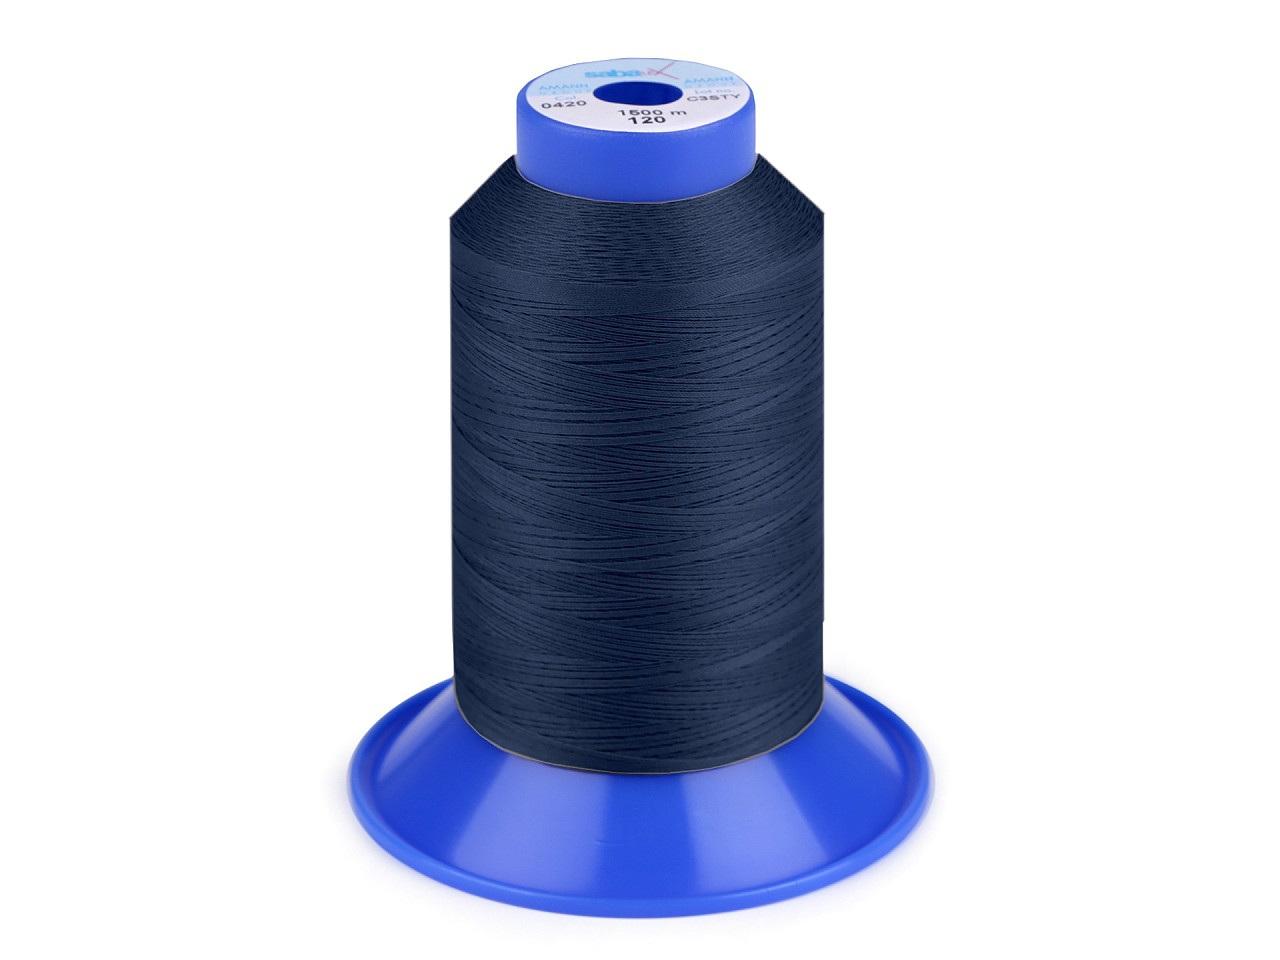 Nit elastická Sabaflex 120; 1500 m, barva 825 modrá pařížská